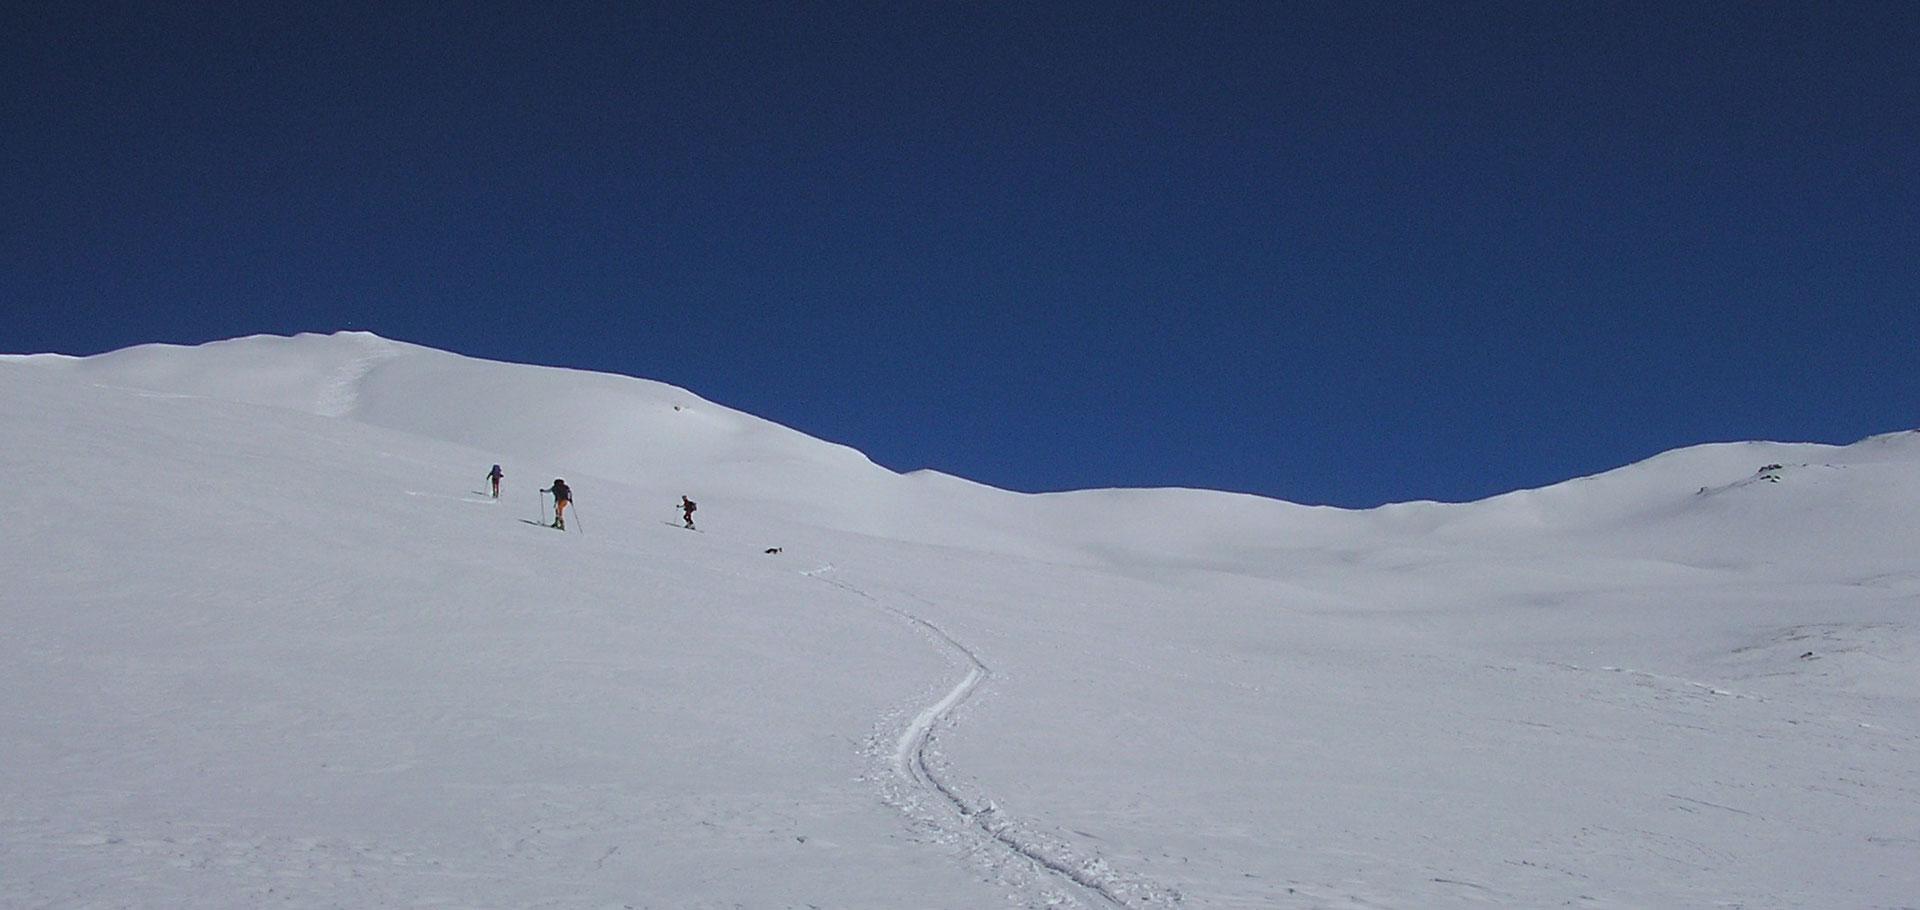 Sci alpinismo al cospetto del Monte Bianco